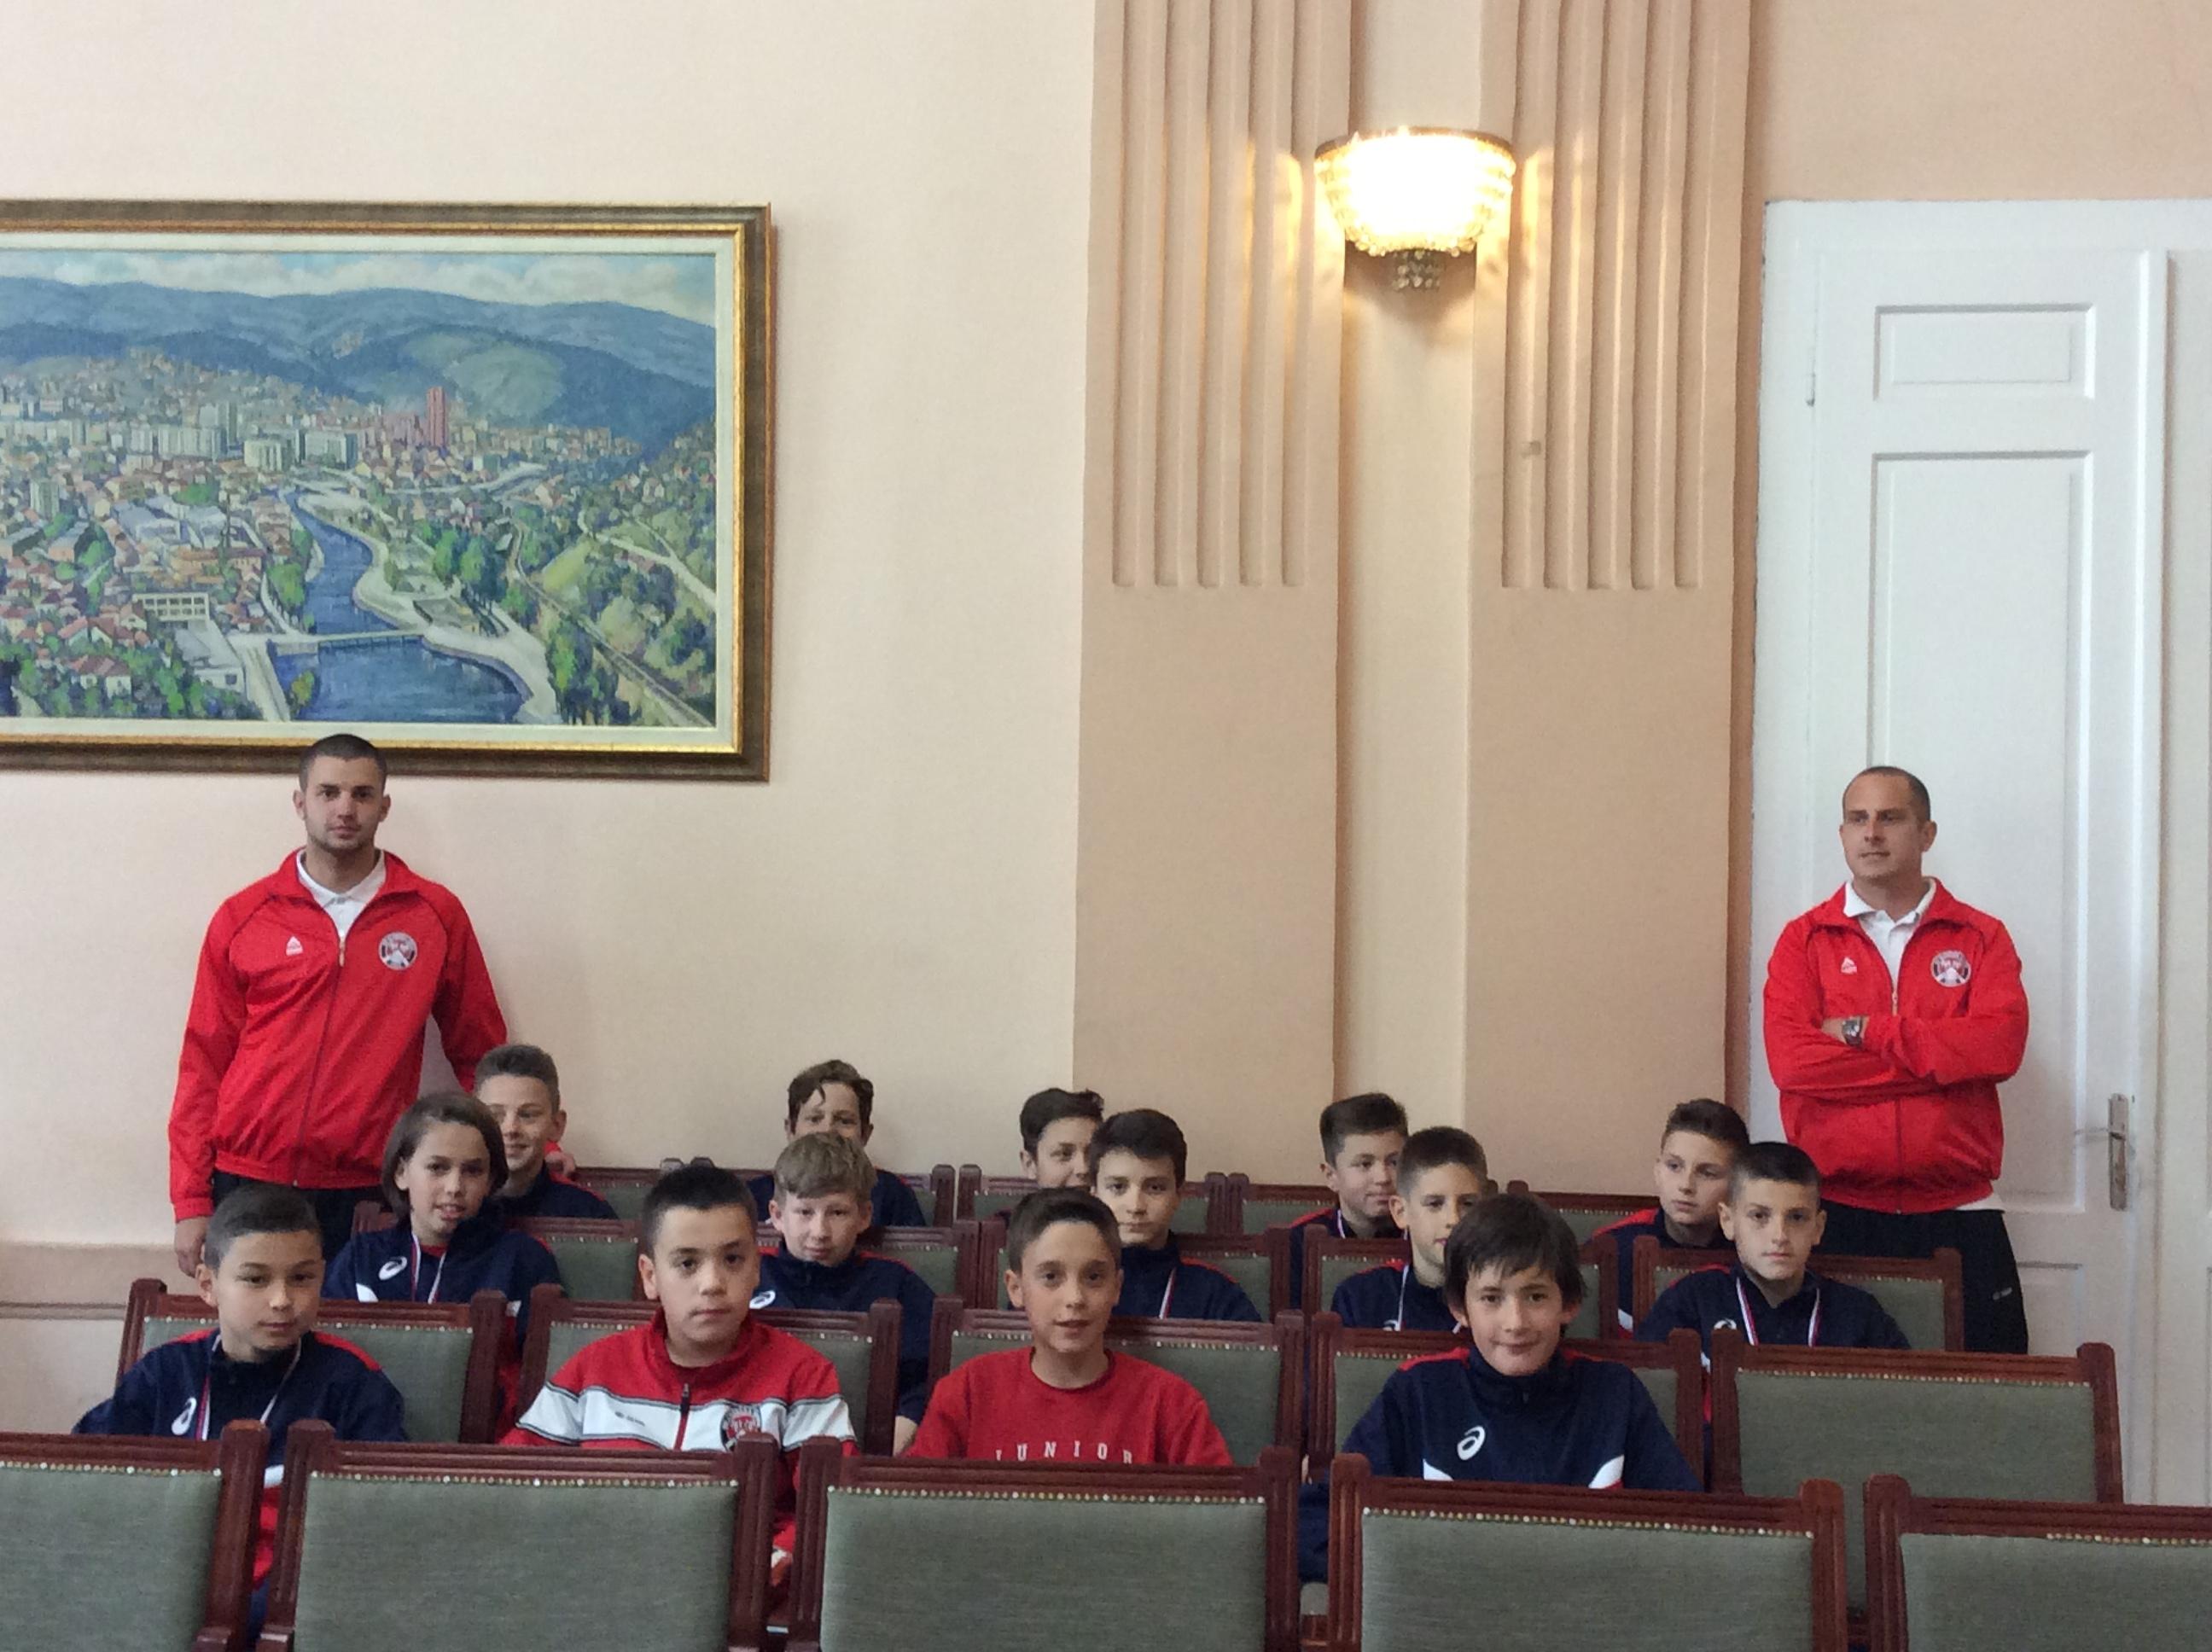 Najbolji u kategoriji rođenih 2004. sa trenerima J.RAdojičićem i D.Todorovićem